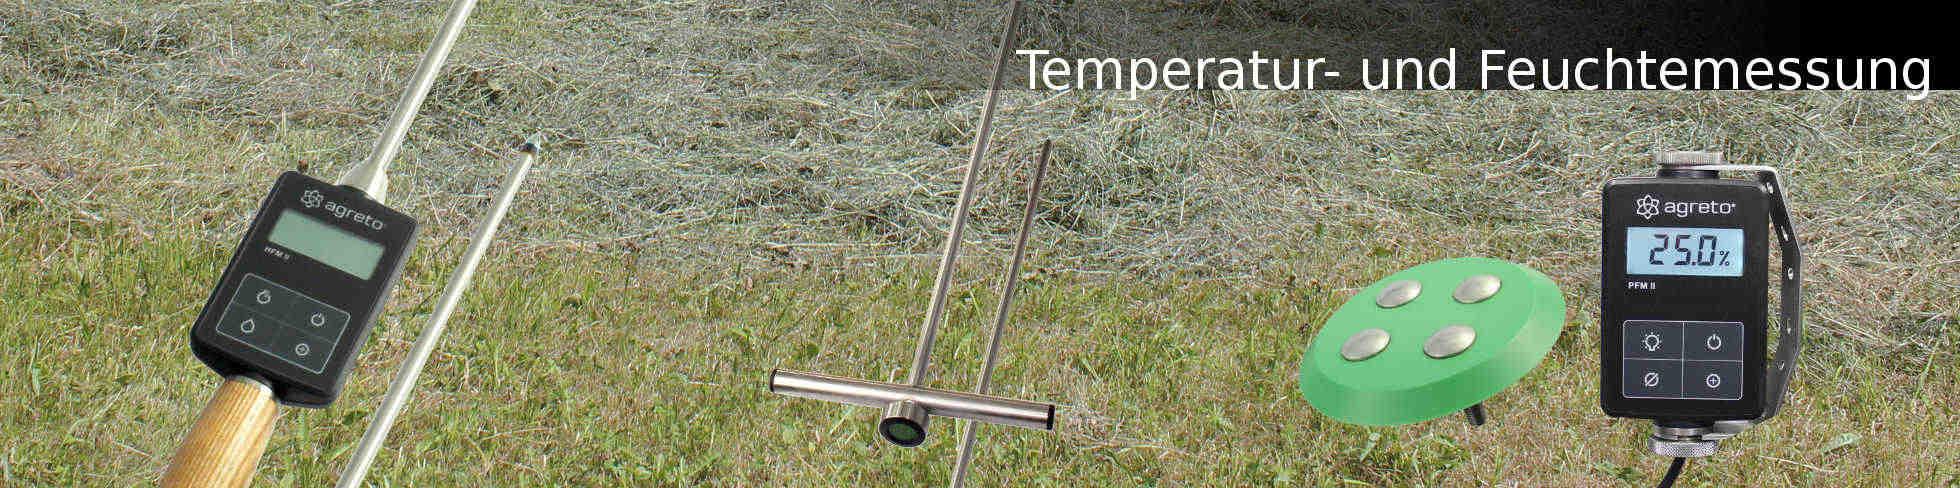 Temperatur- und Feuchtemessung